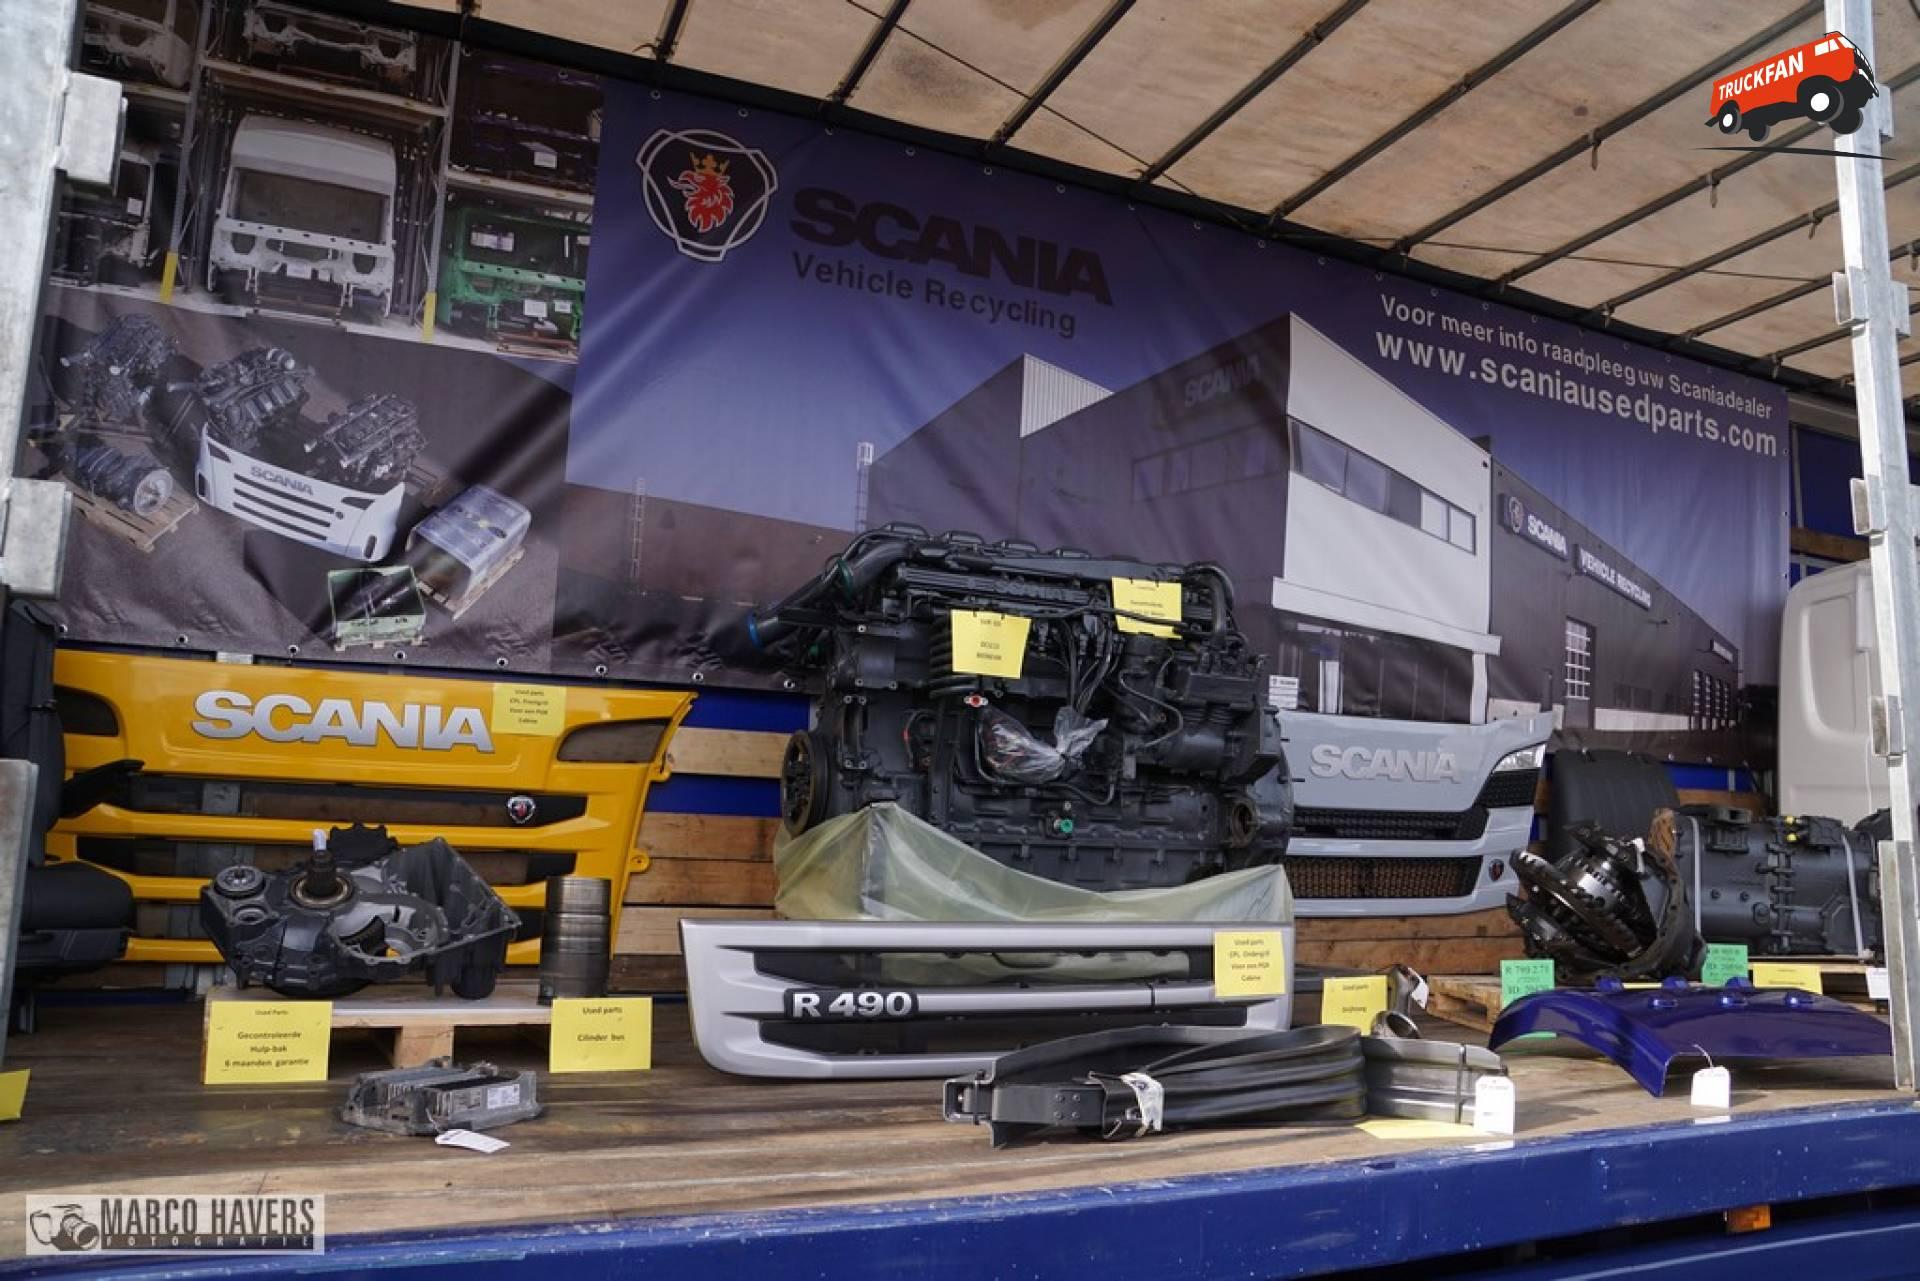 Scania onderdelen